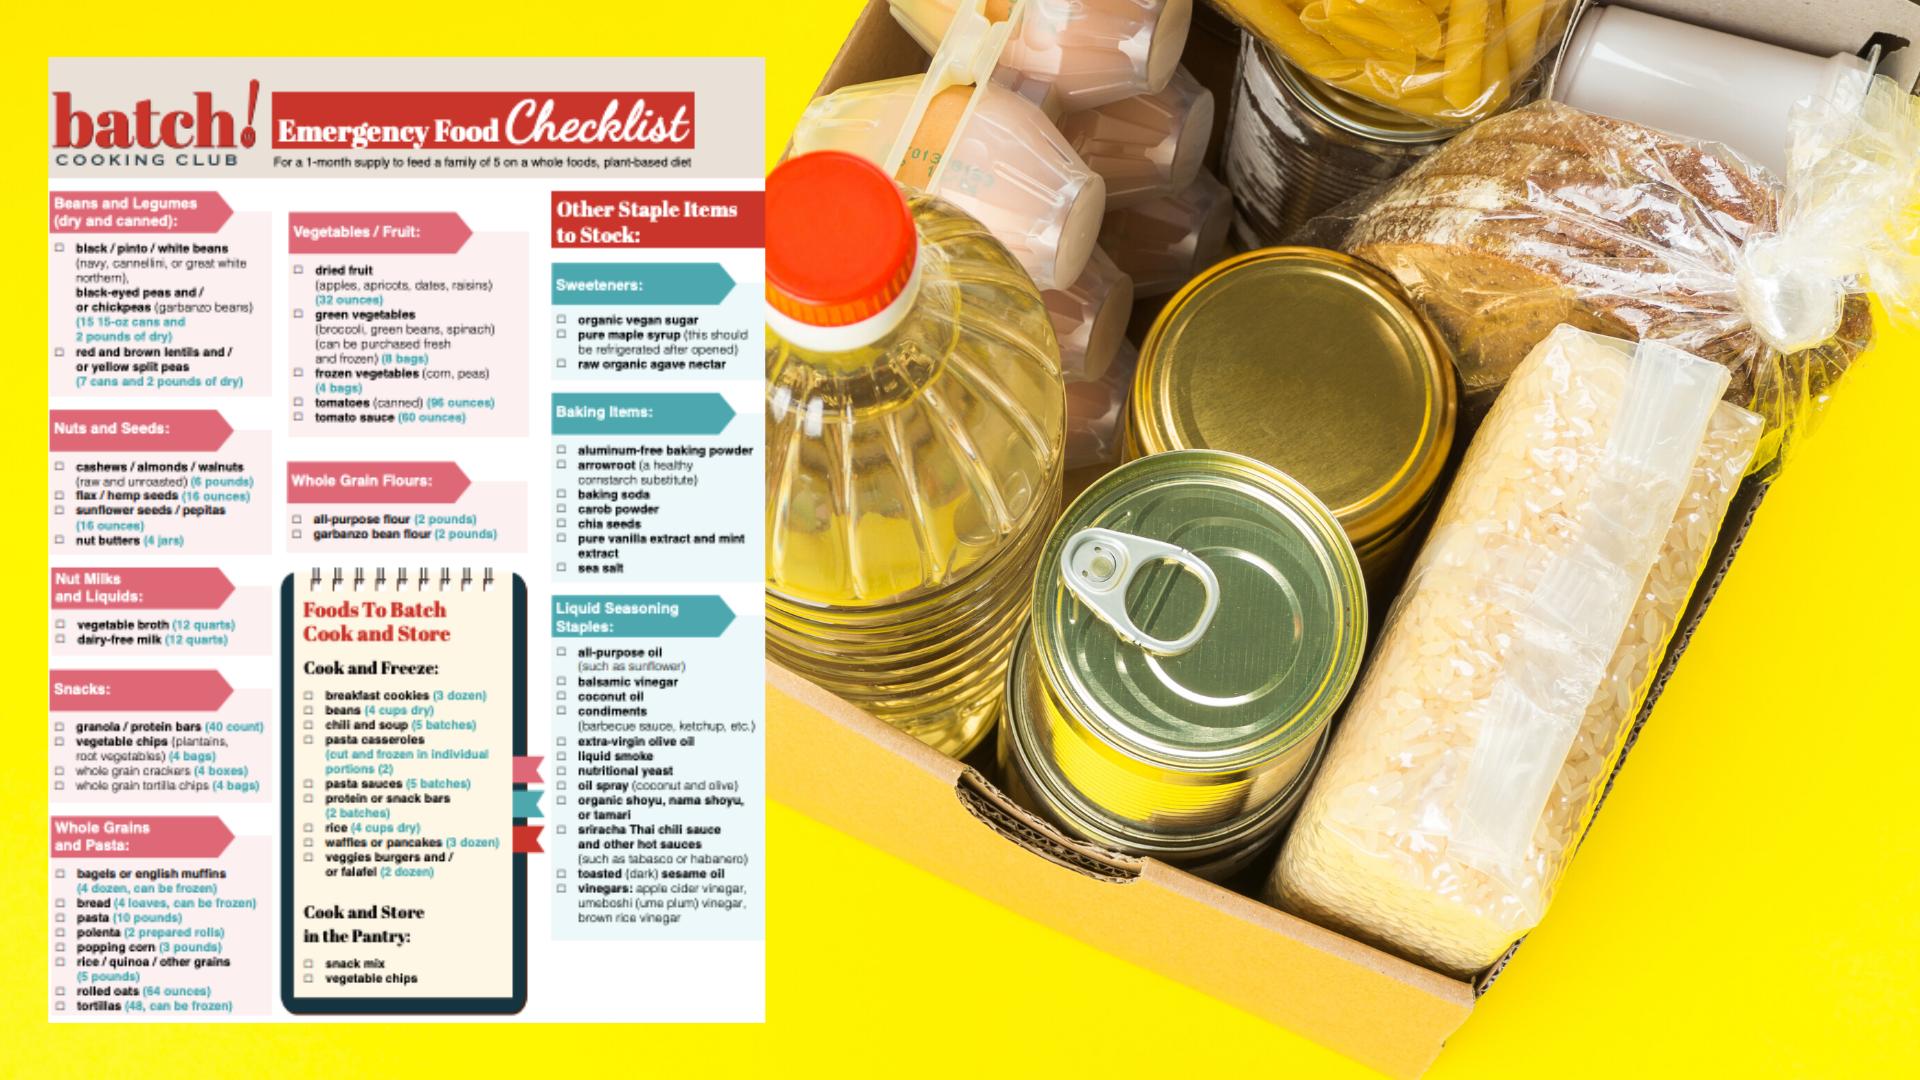 Emergency Food Checklist